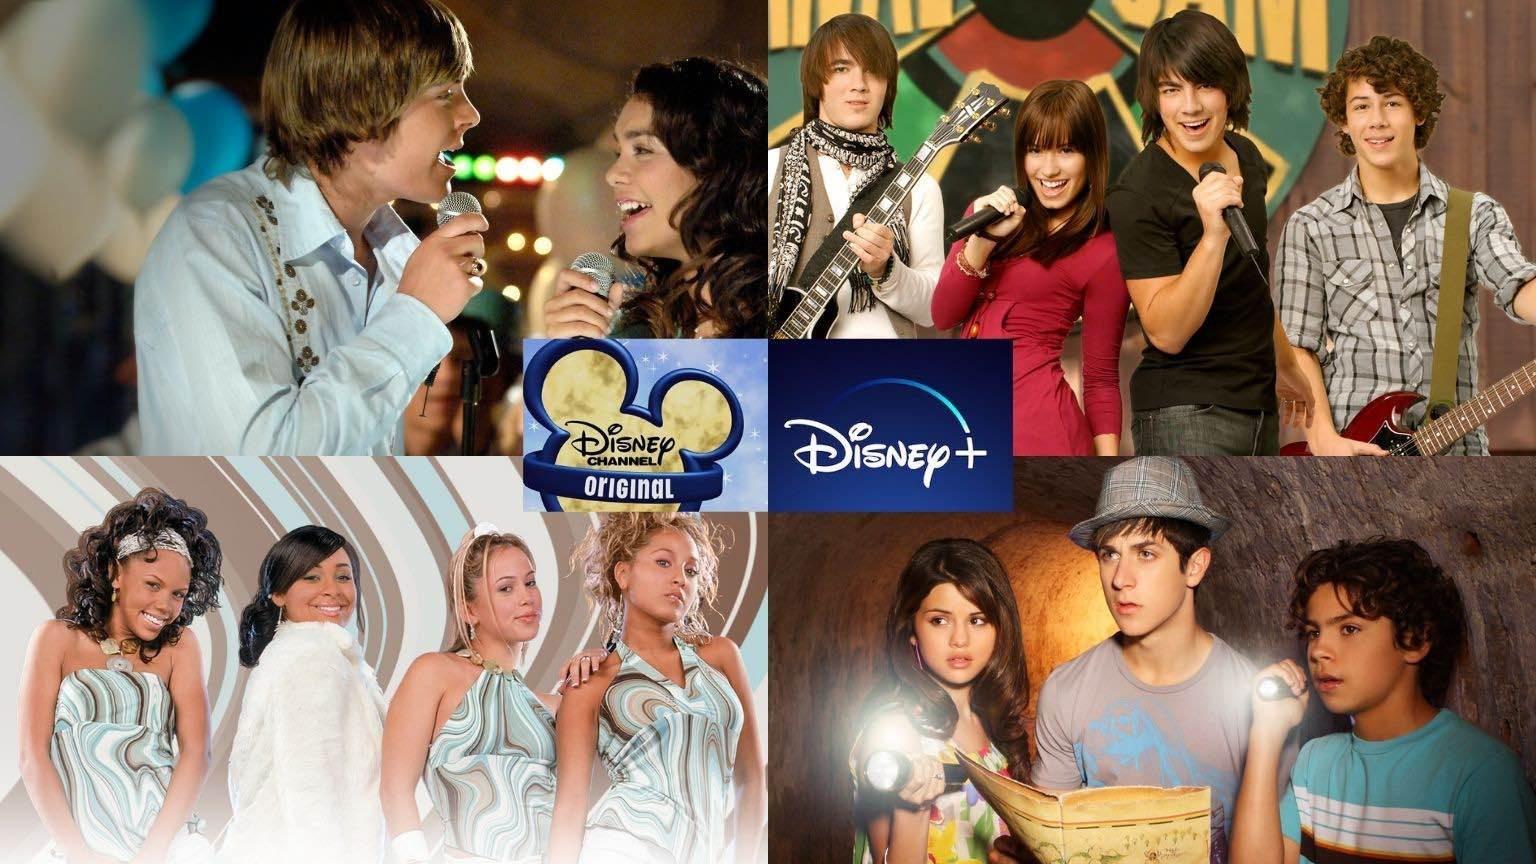 Disney Channel Original Movie